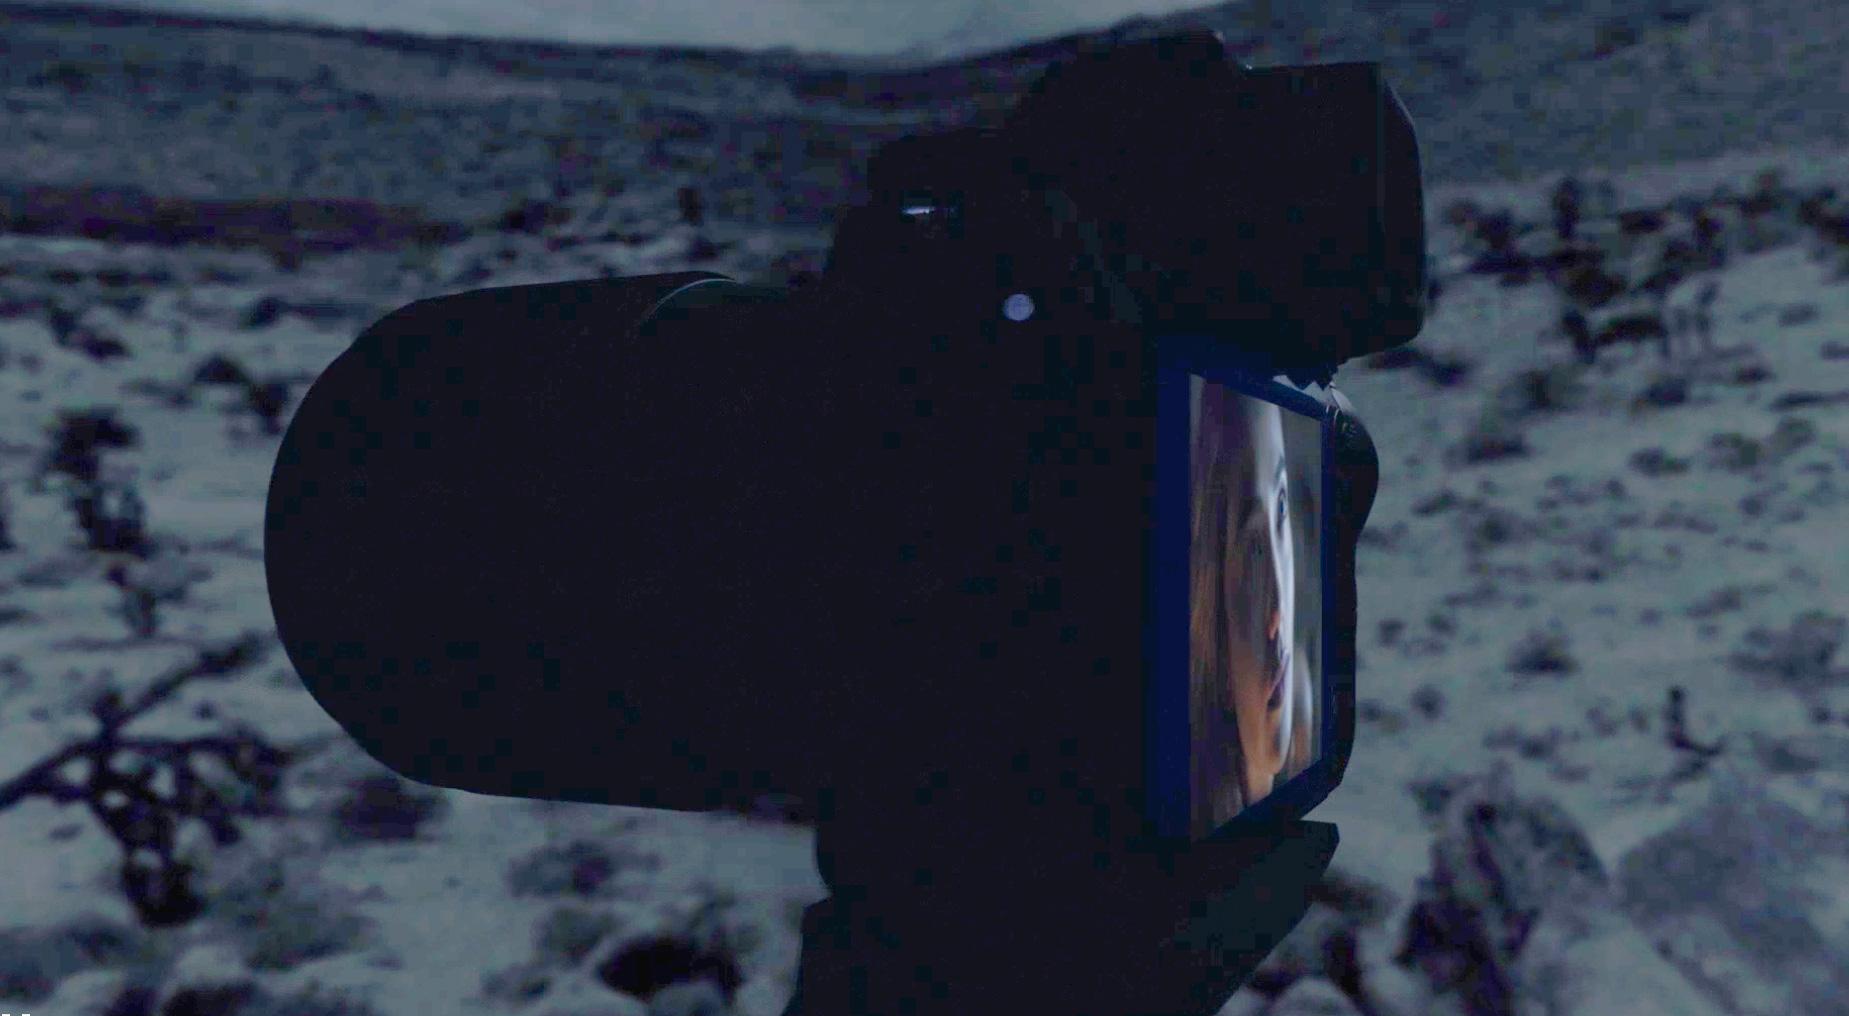 Nikoni salapärane veebileht ja video kuulutavad hübriidkaamera peatset tulekut